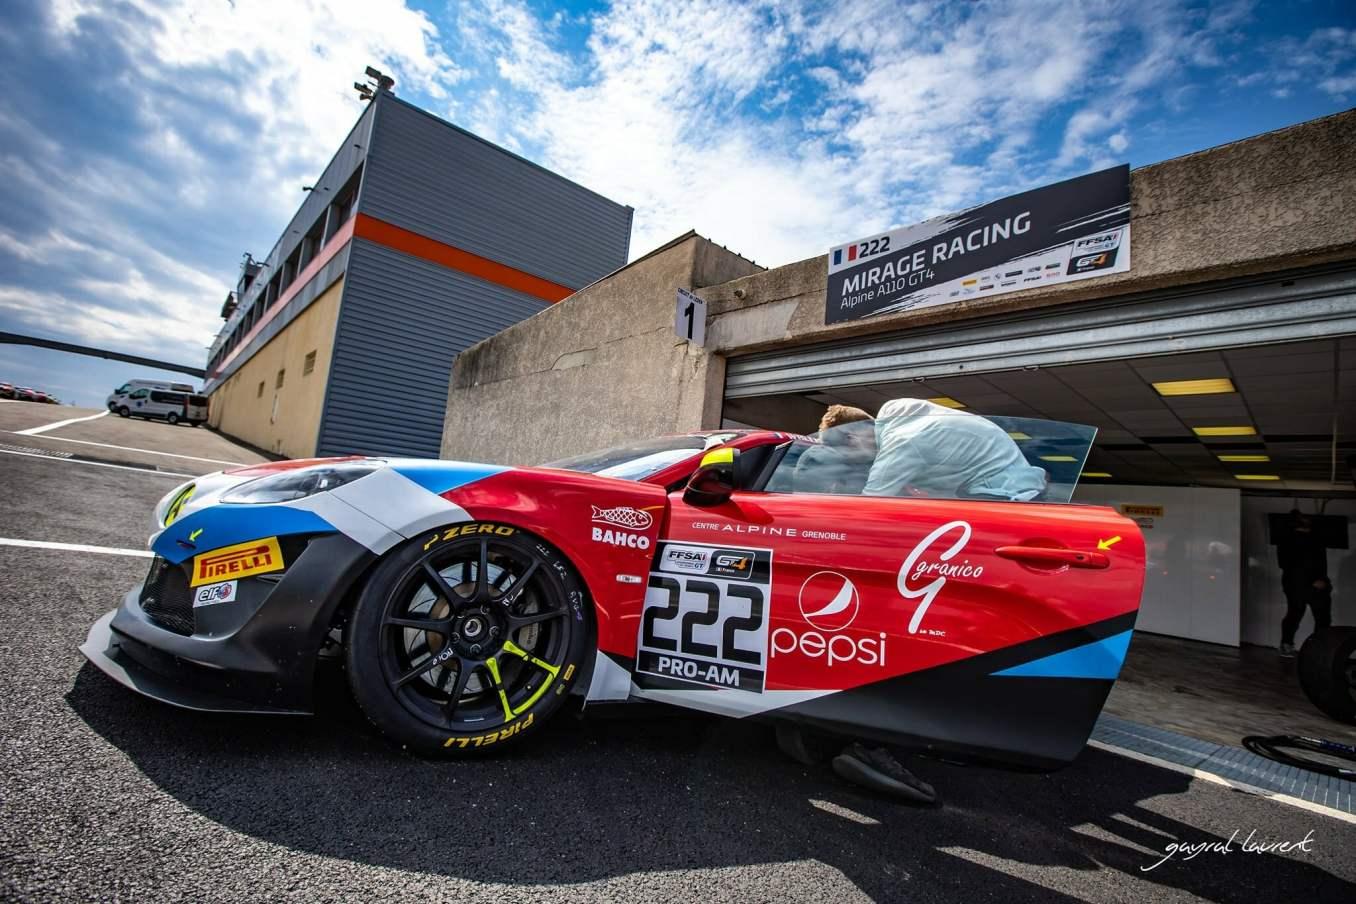 FFSA GT4 Alpine A110 Prost Redele Servol Ledenon 2021 12 | FFSA GT : Les duos Rédélé - Coubard et Ferté - Demoustier en P2 dans leurs catégories respectives à Lédenon